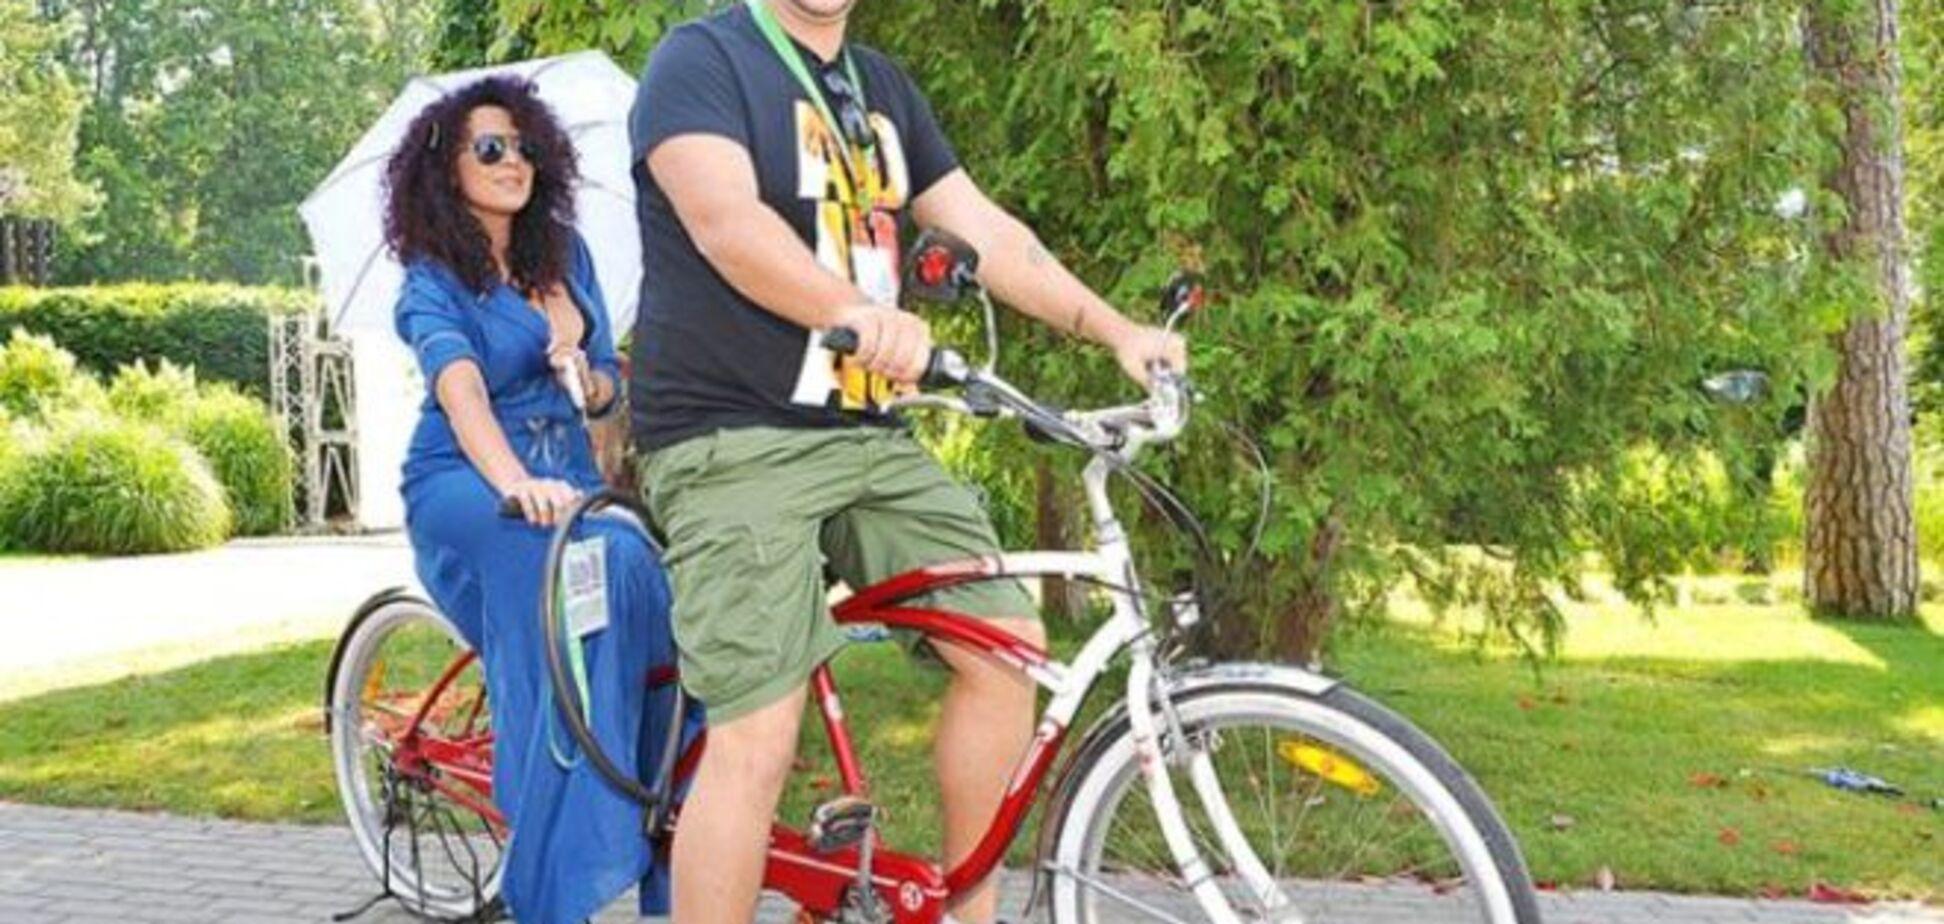 Украинские политики и звезды любят кататься на велосипедах: лучшие фото